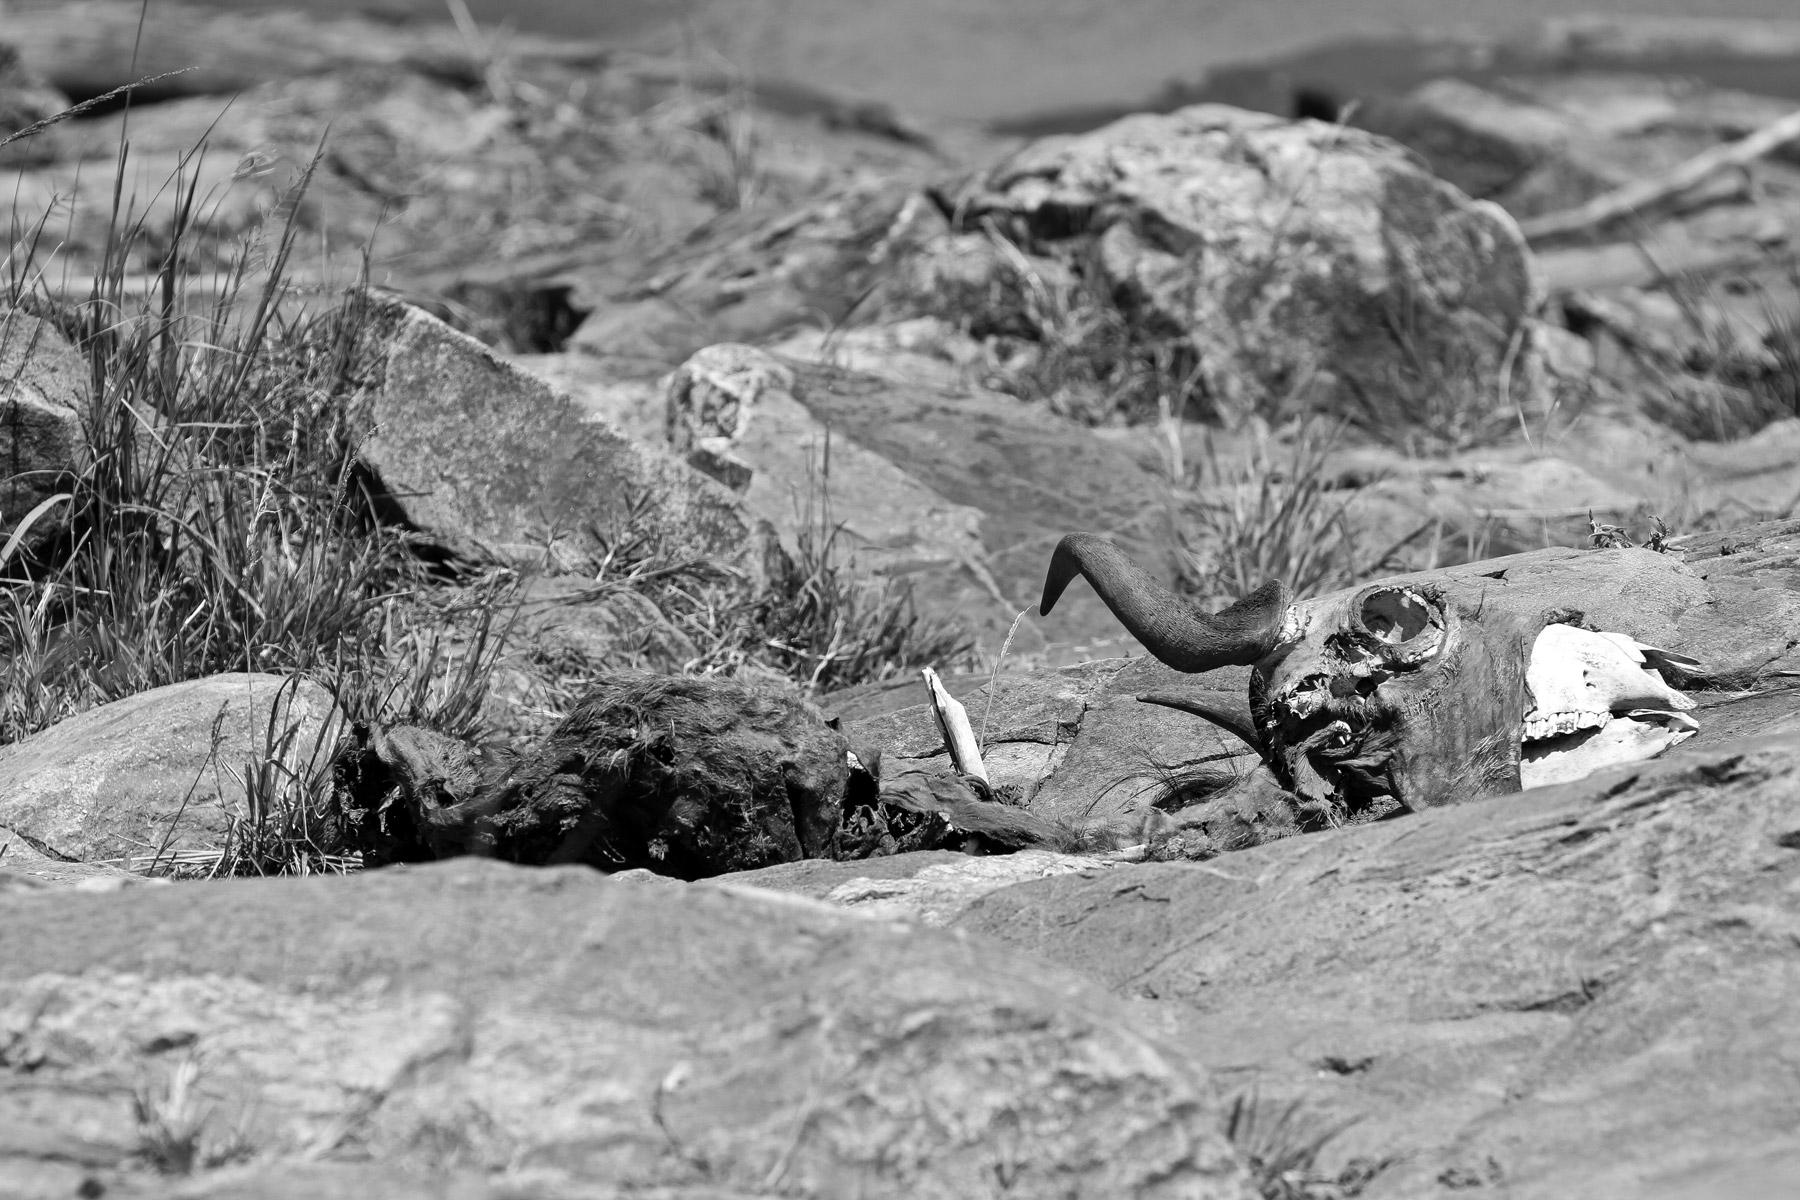 A wildebeest carcass in the Maasai Mara National Park, Kenya